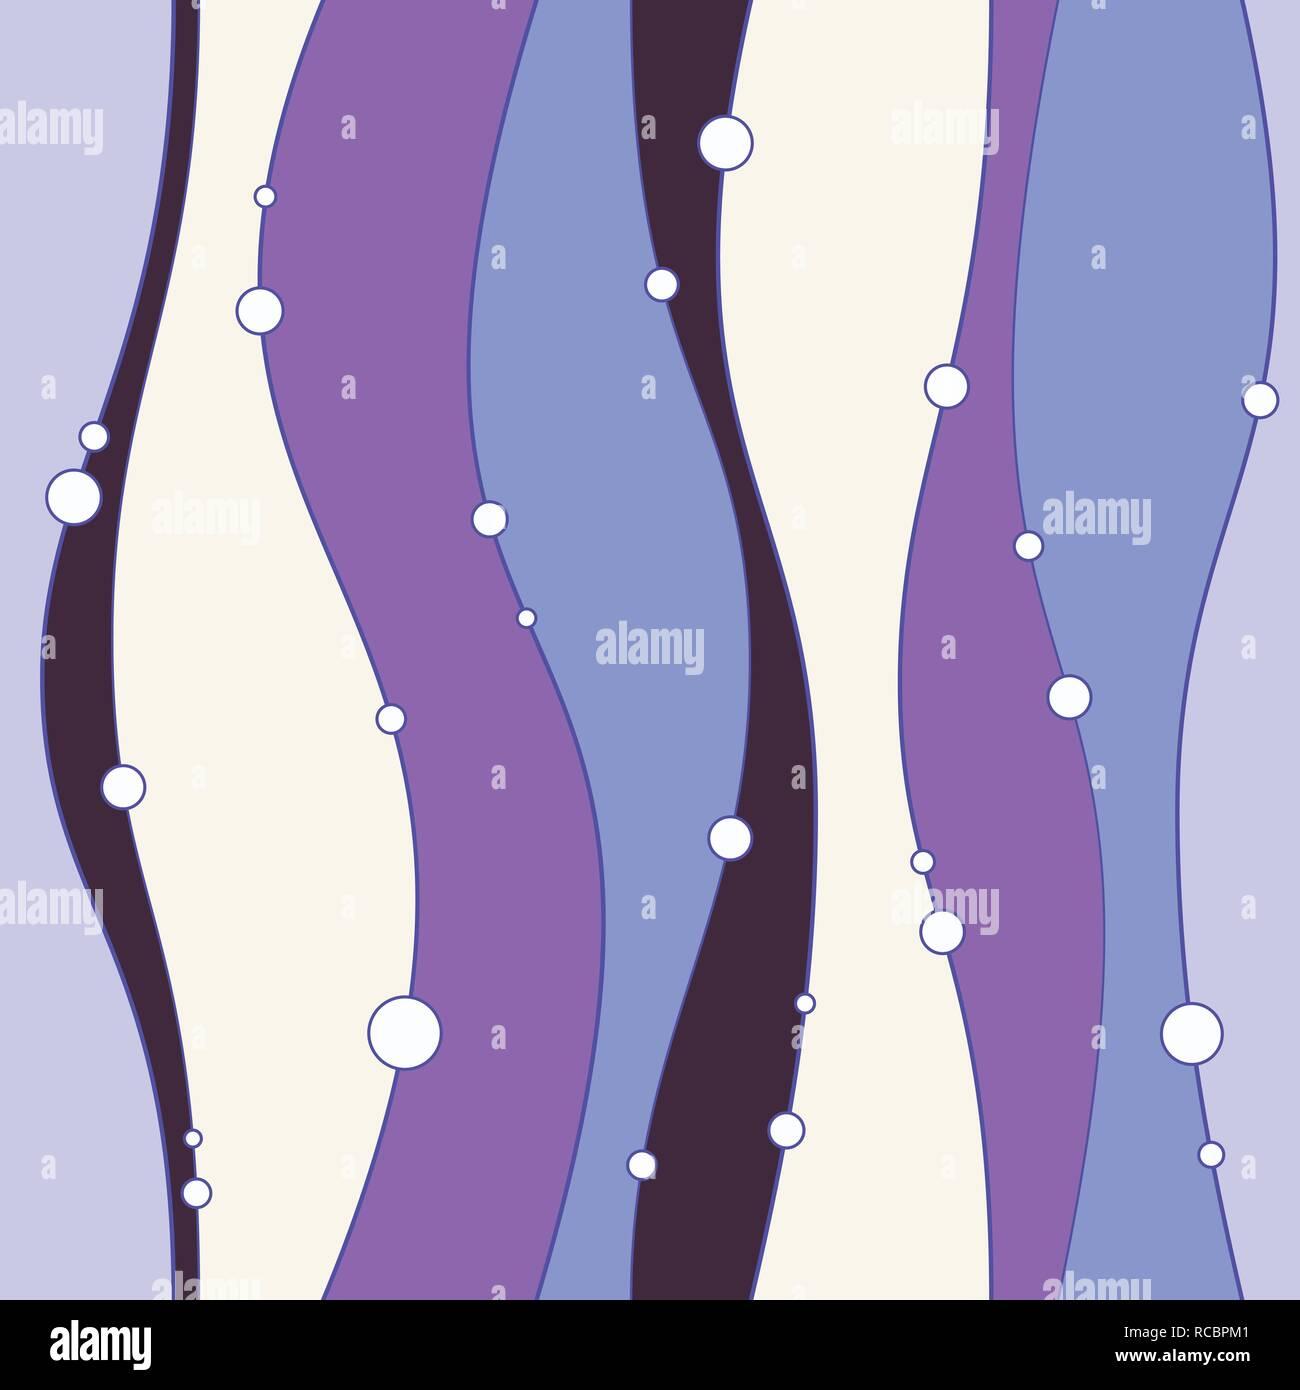 Nahtlose Farbmuster mit glatten Linien und Kreise. Elegante Textur. Vertikale Richtung. Vector Hintergrund. Stockbild